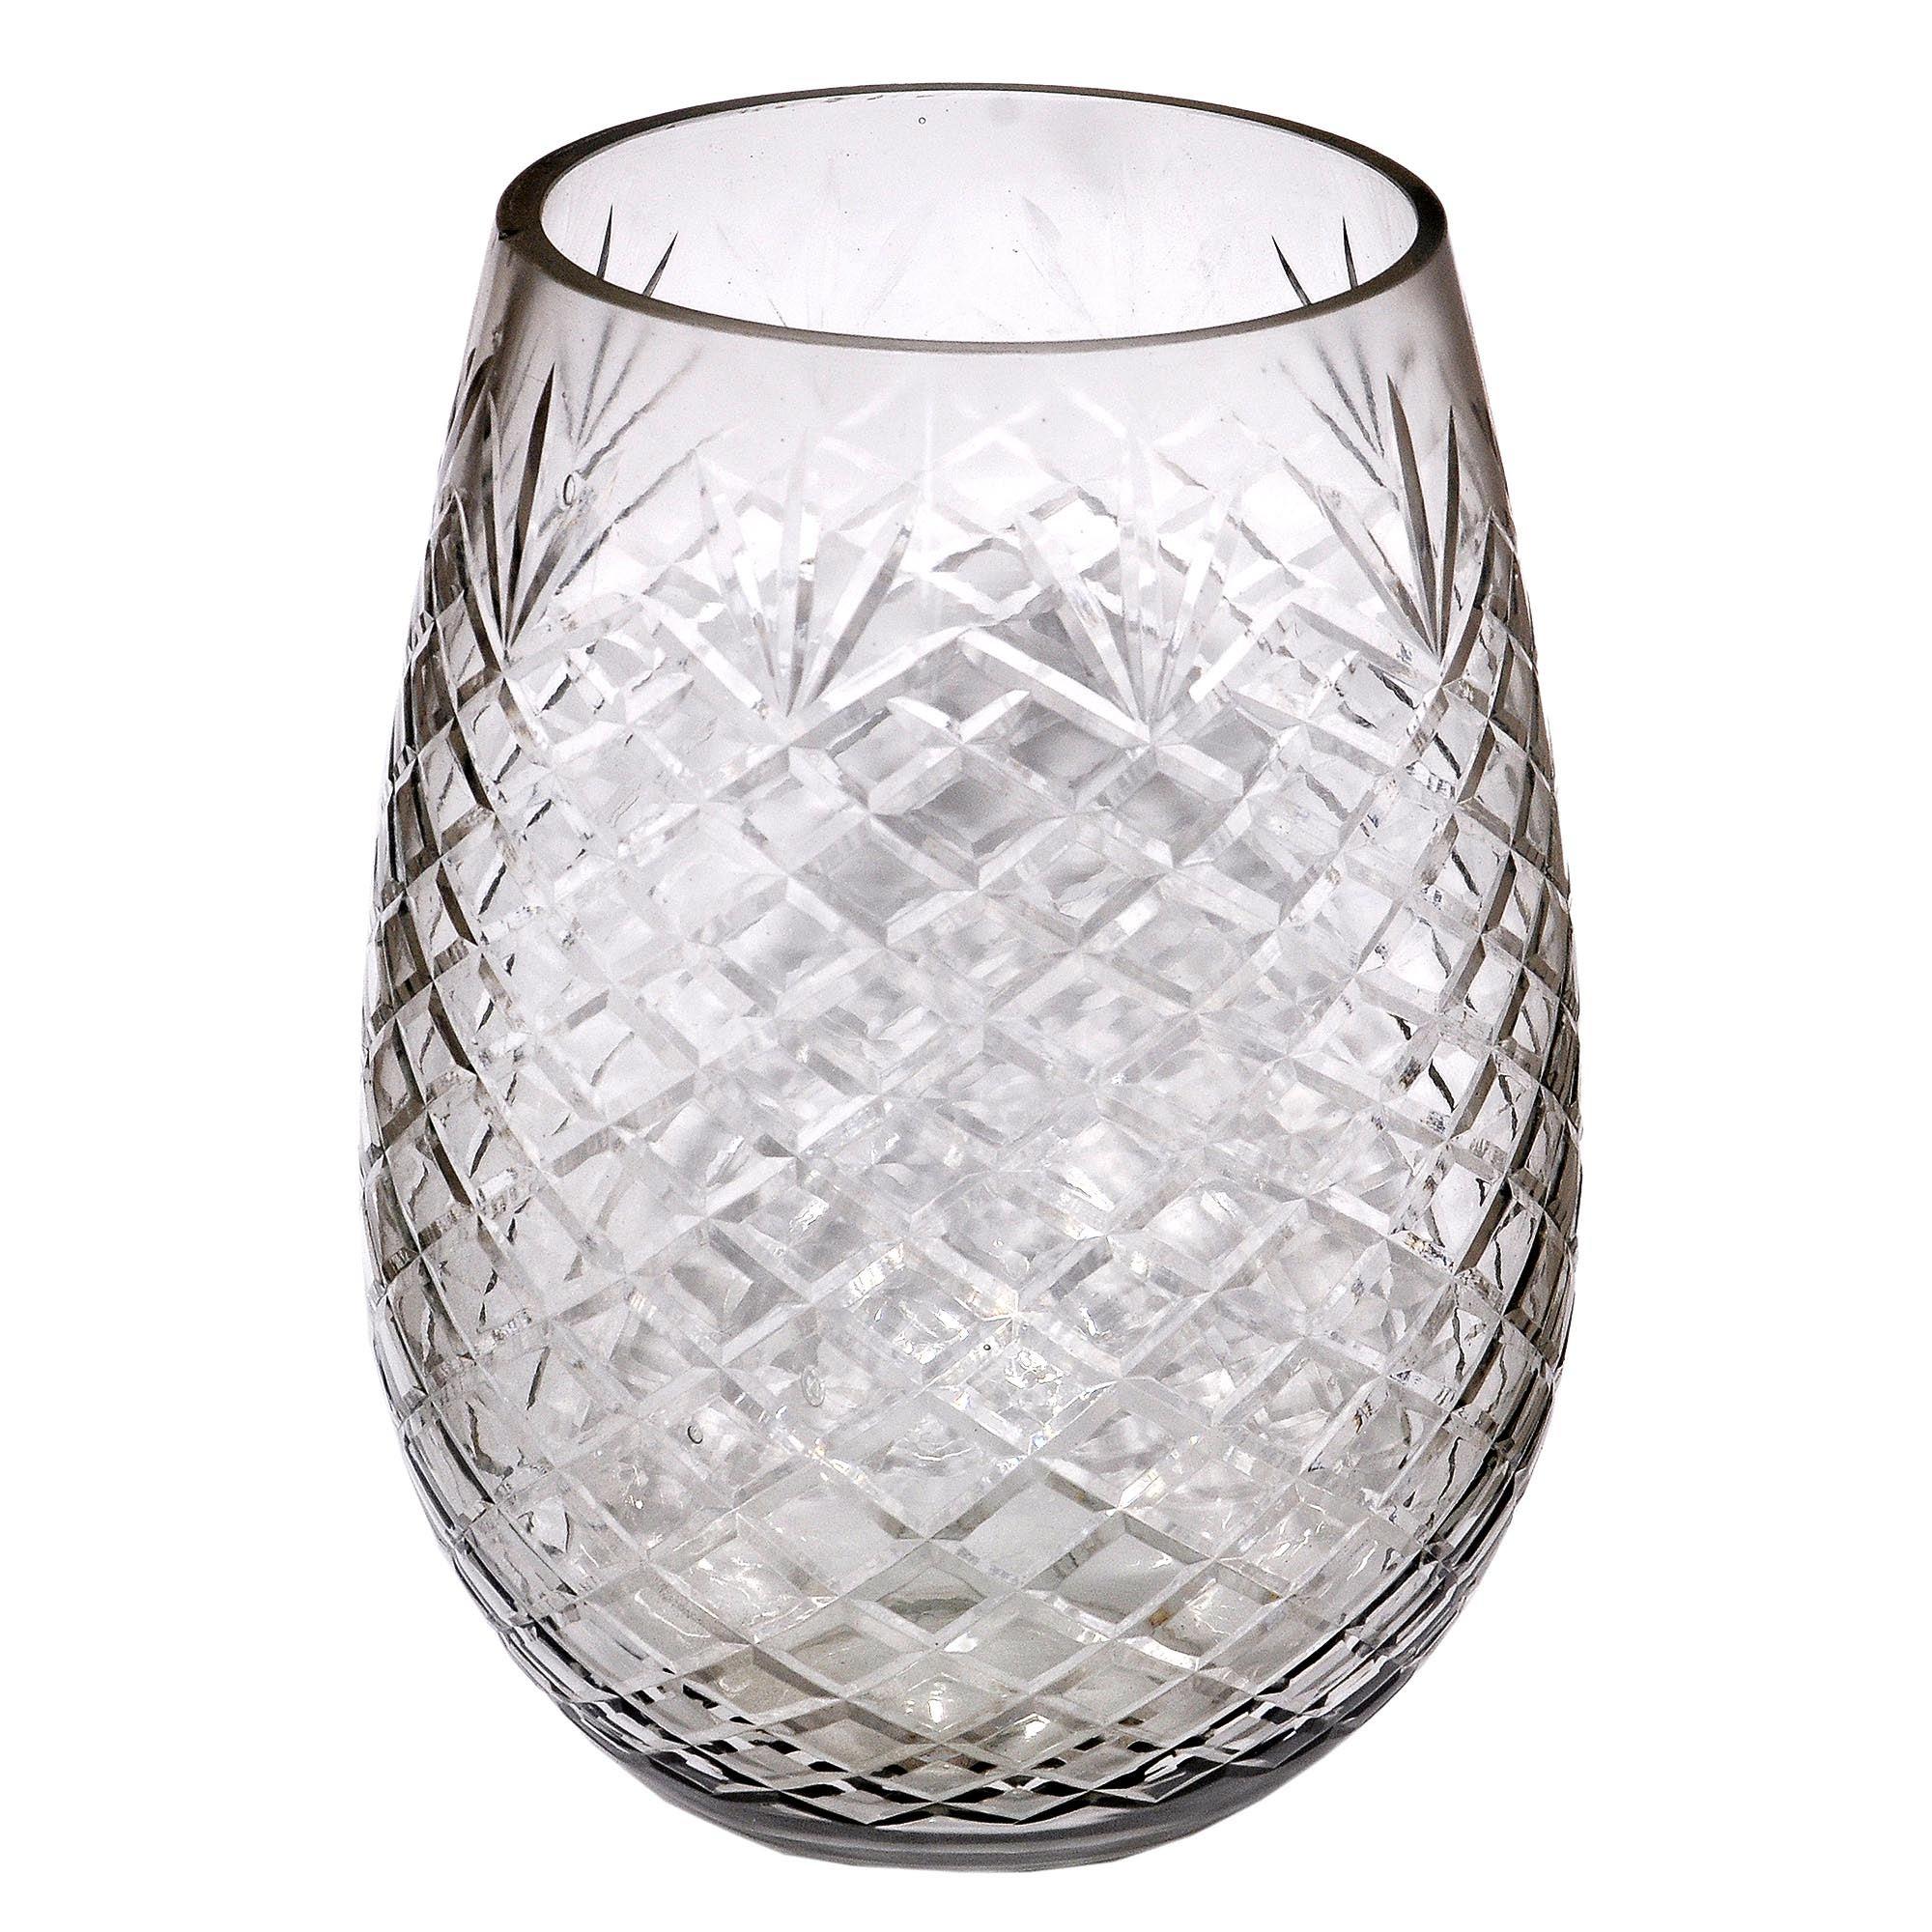 Photo of Dorma cut glass hurricane vase clear